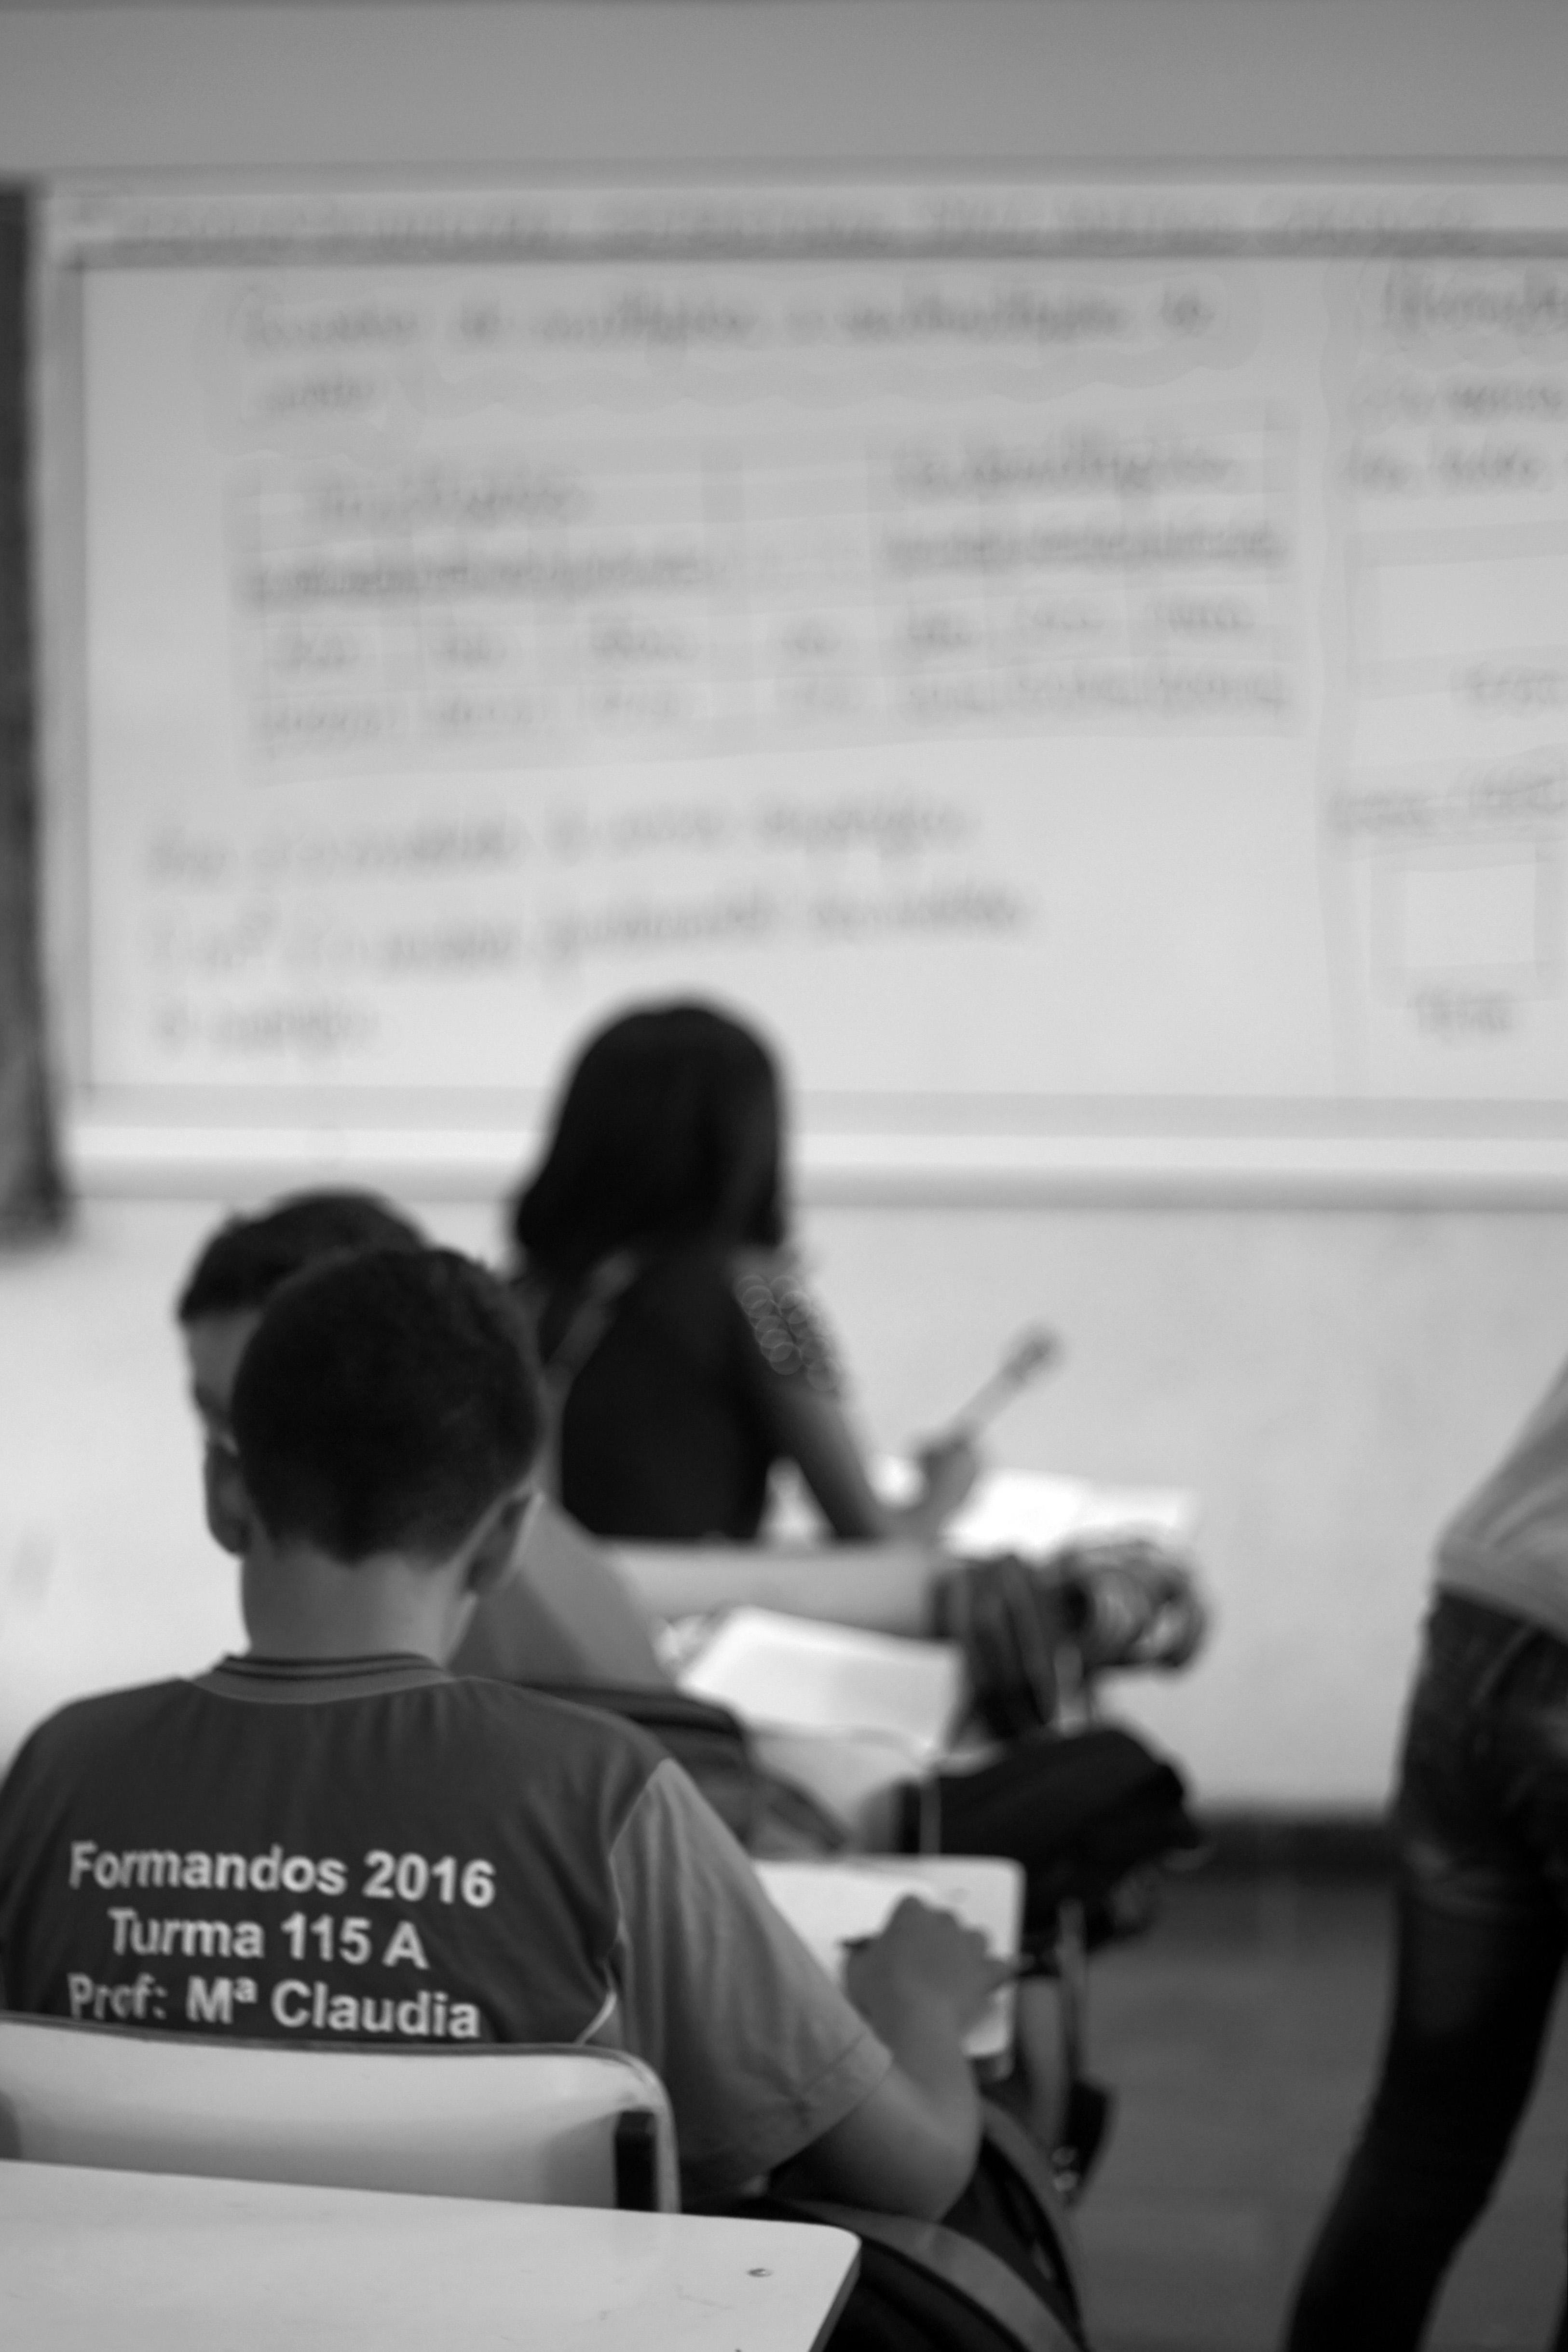 Sobre A Escolarização Sem Aprendizagem, O Aprofundamento Da Desigualdade Social E Os Assuntos Proibidos